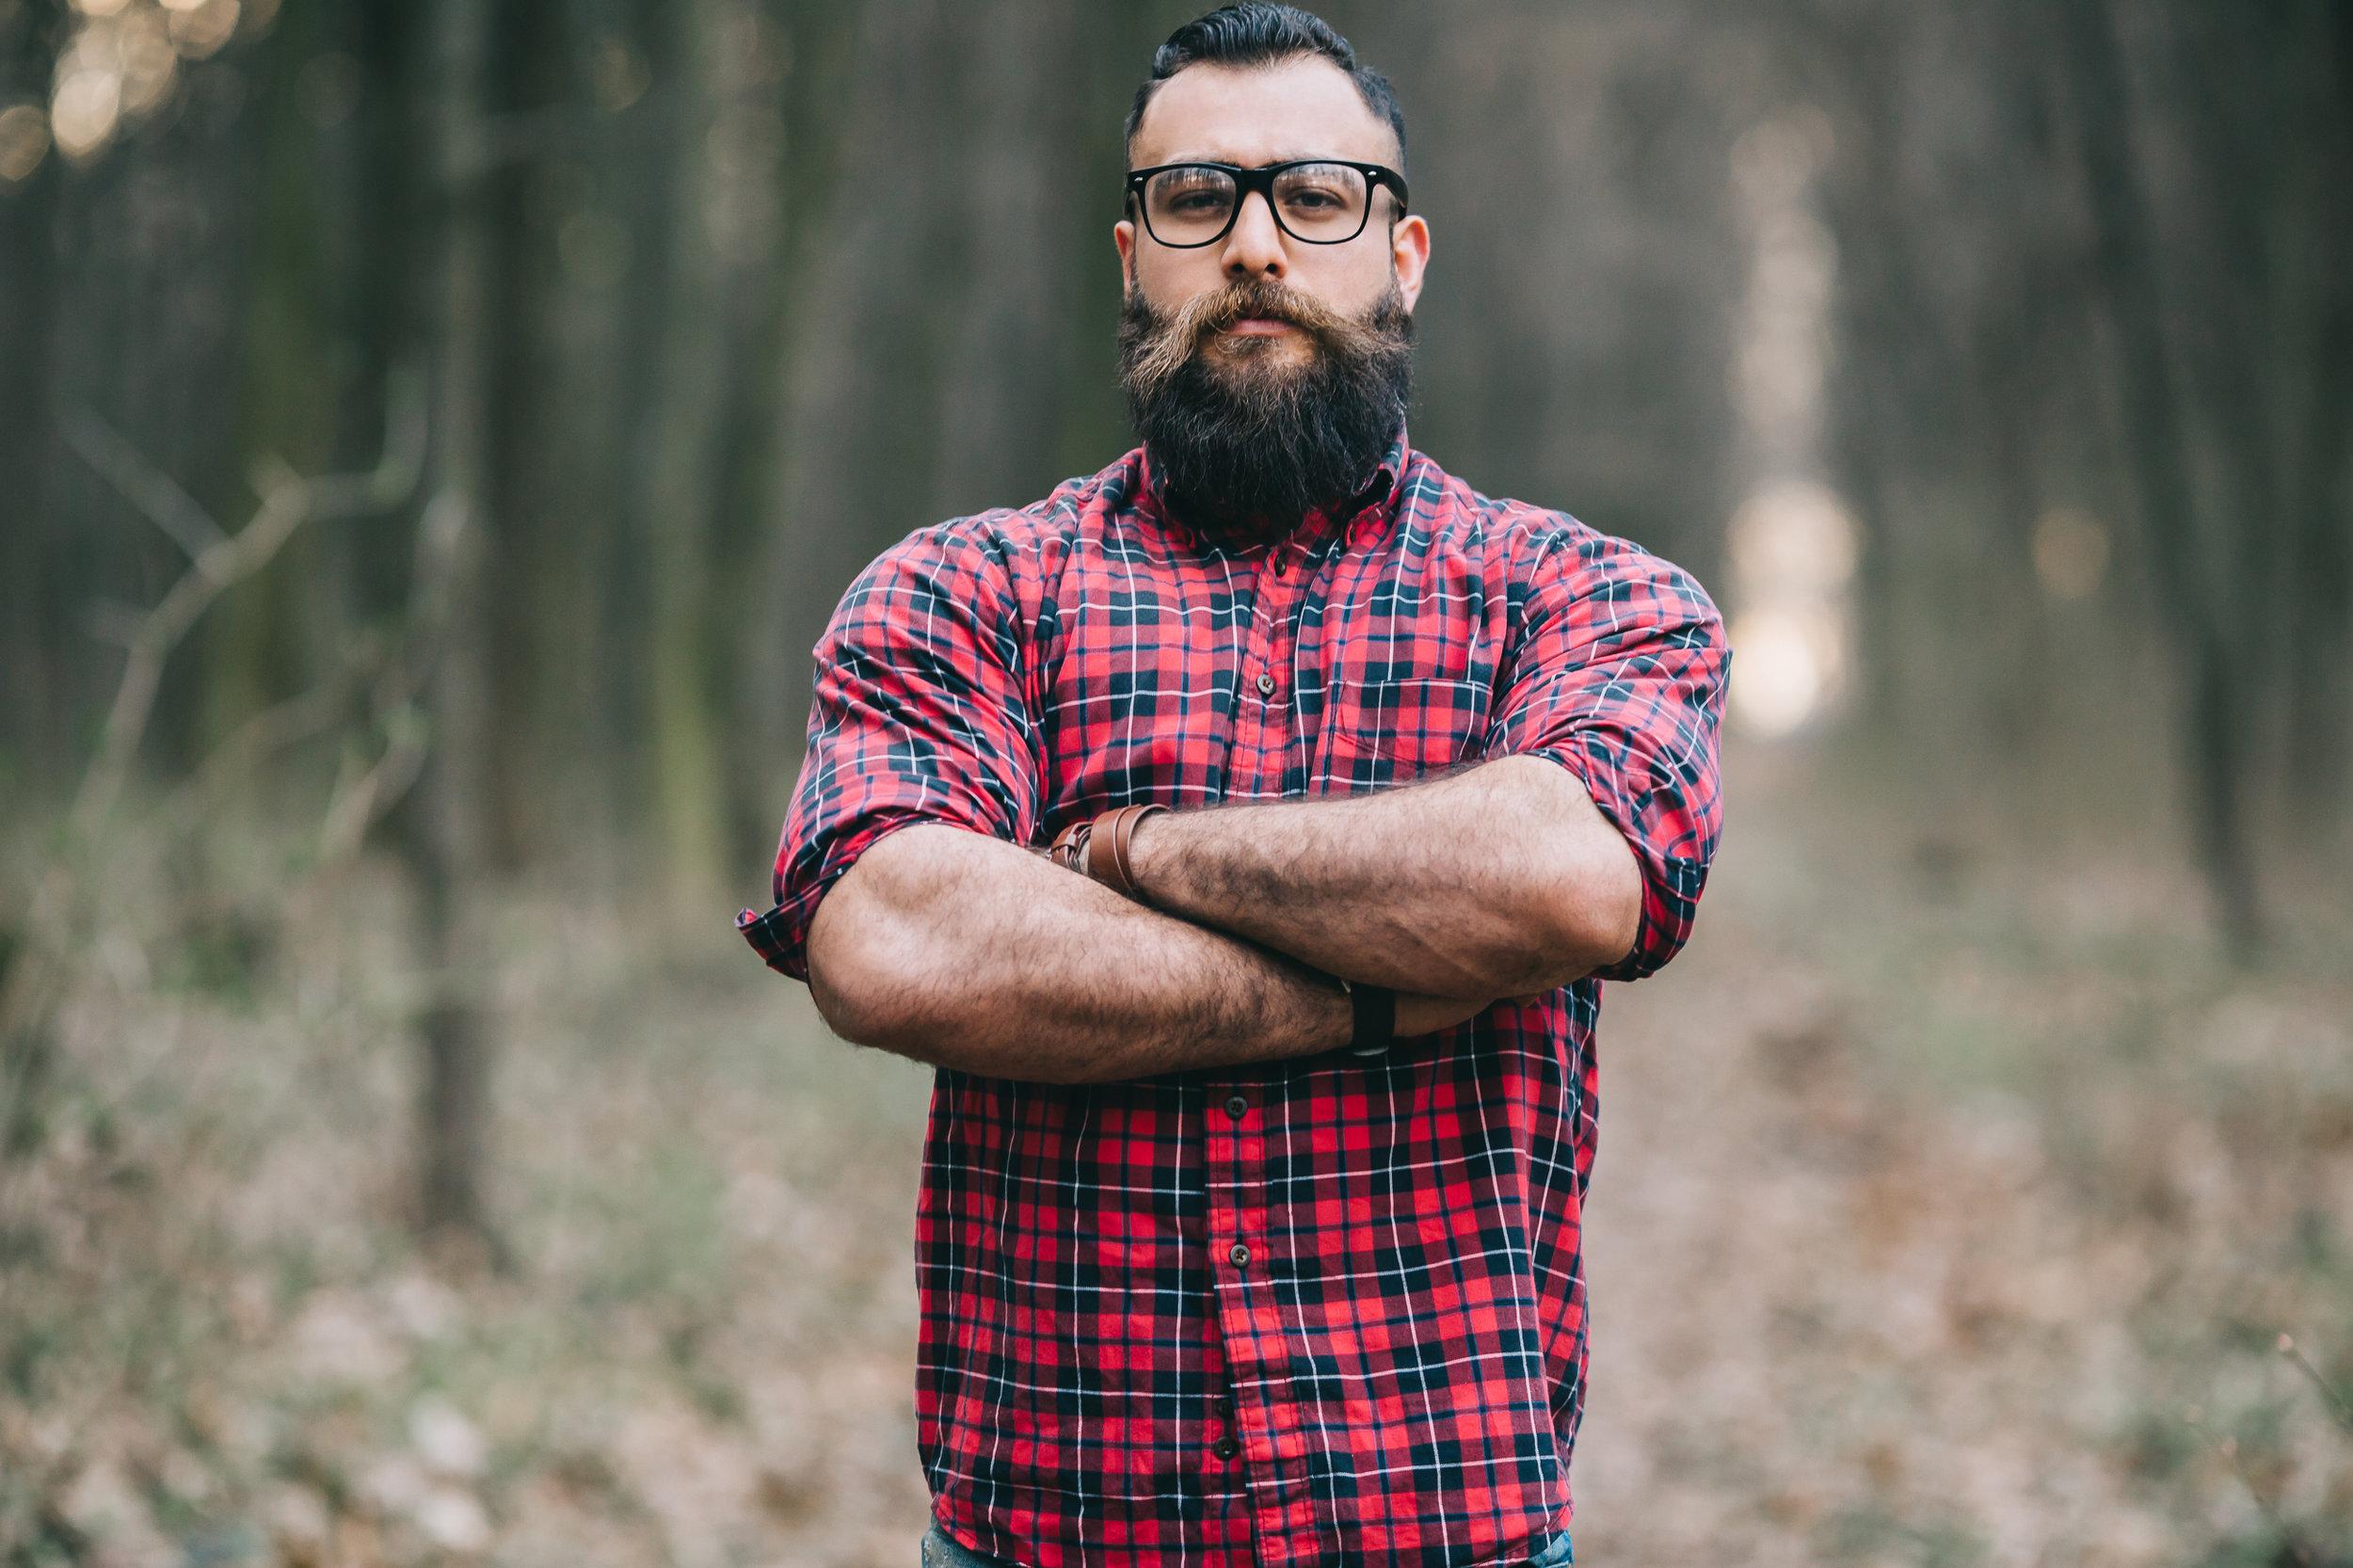 Beard Stock Images (136).jpg